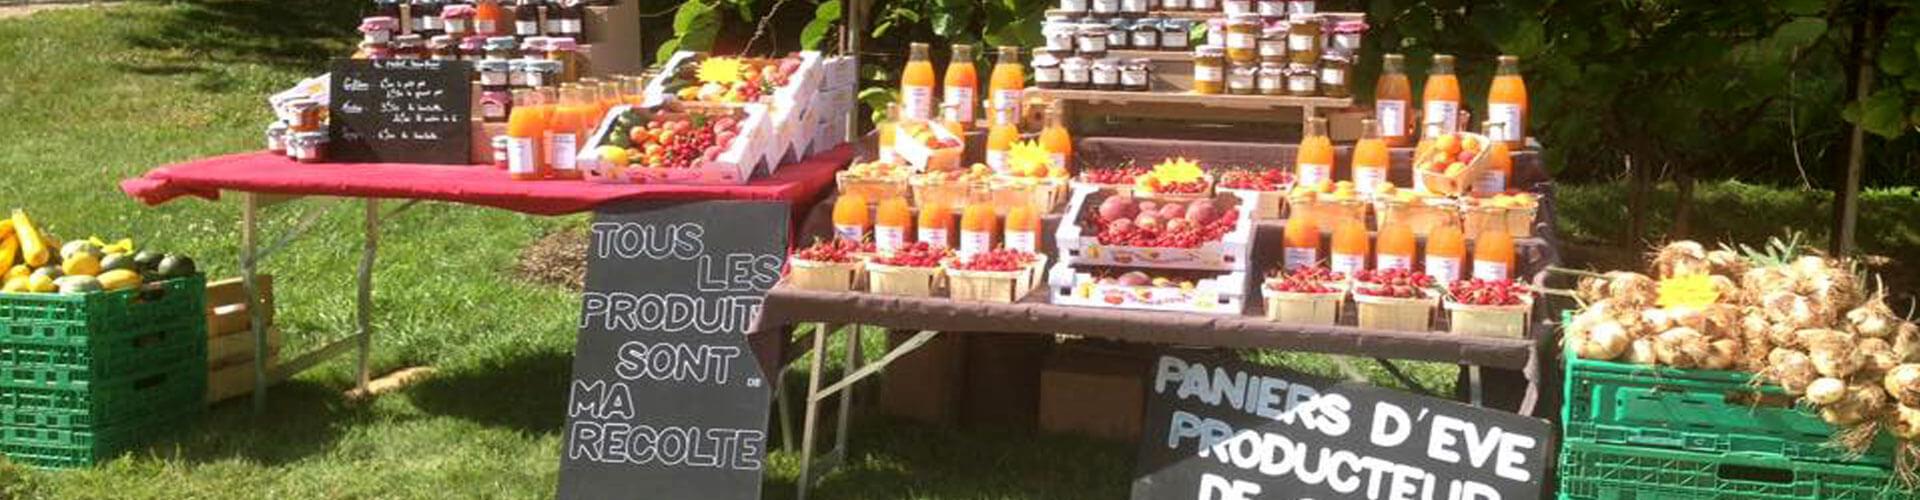 Paniers d'Eve, producteur de fruits, sirops, confitures et légumes à Canet en Coeur d'Hérault